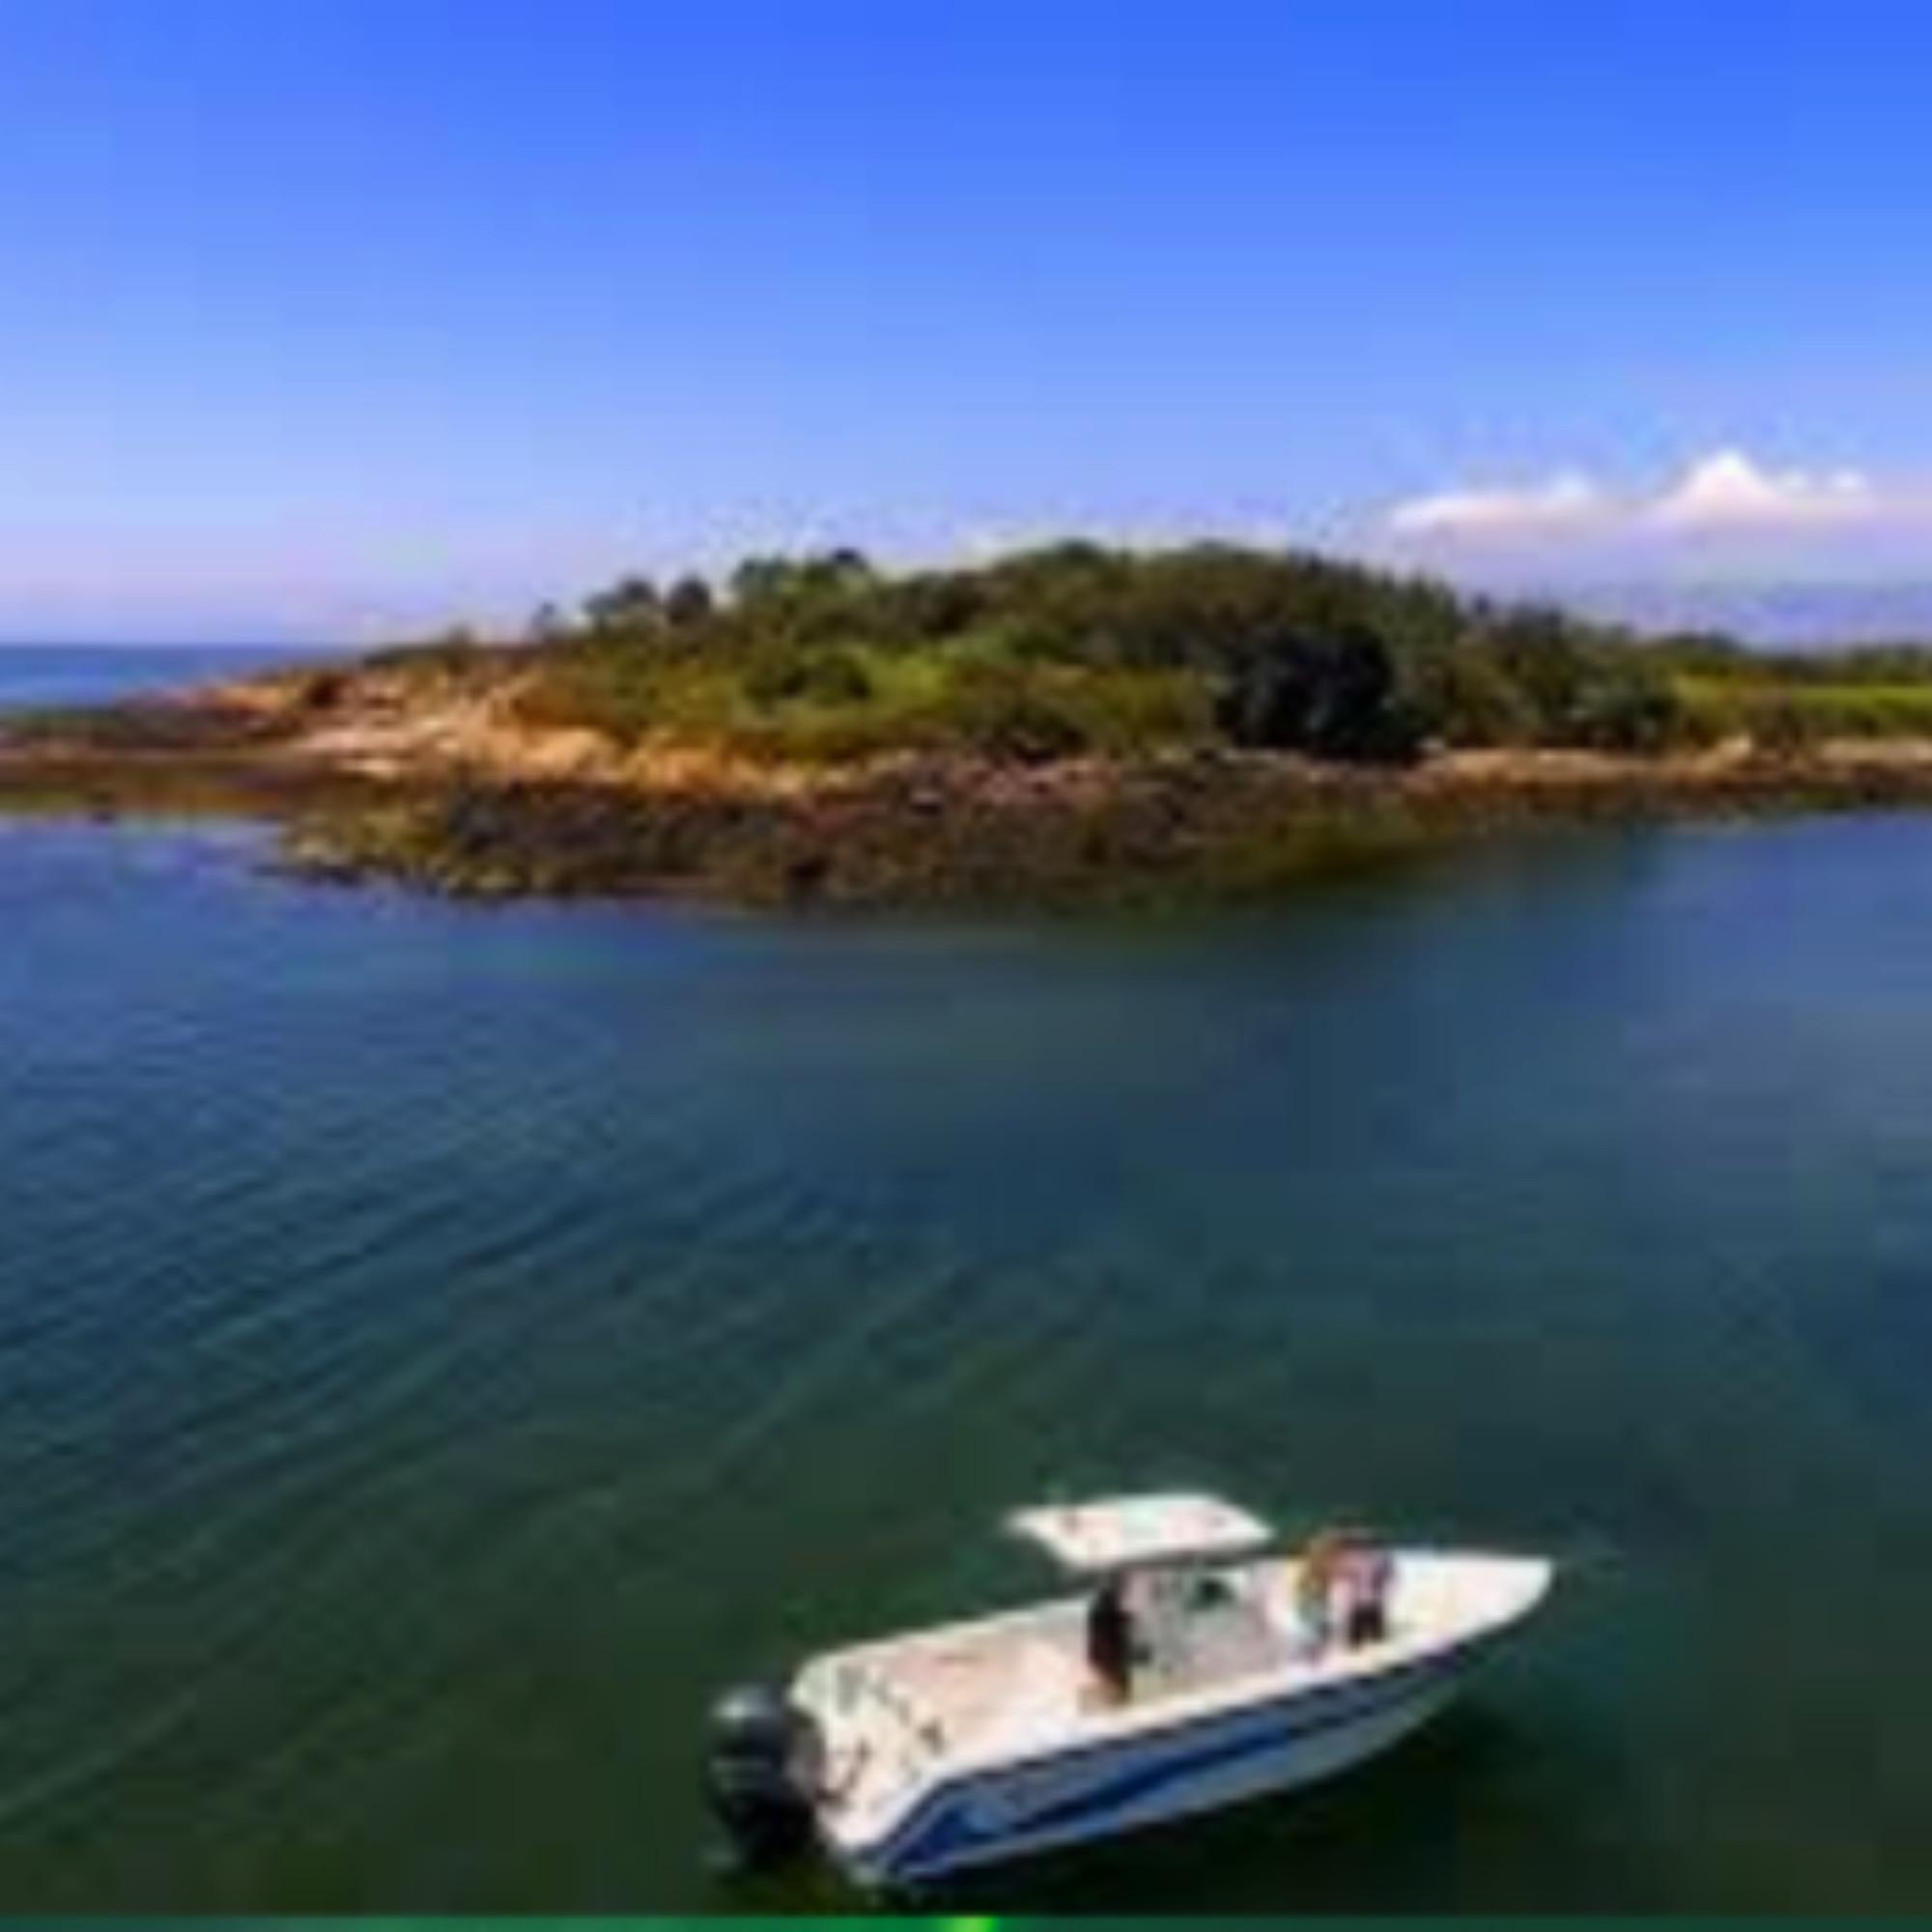 barco-mar-cortegada-isla